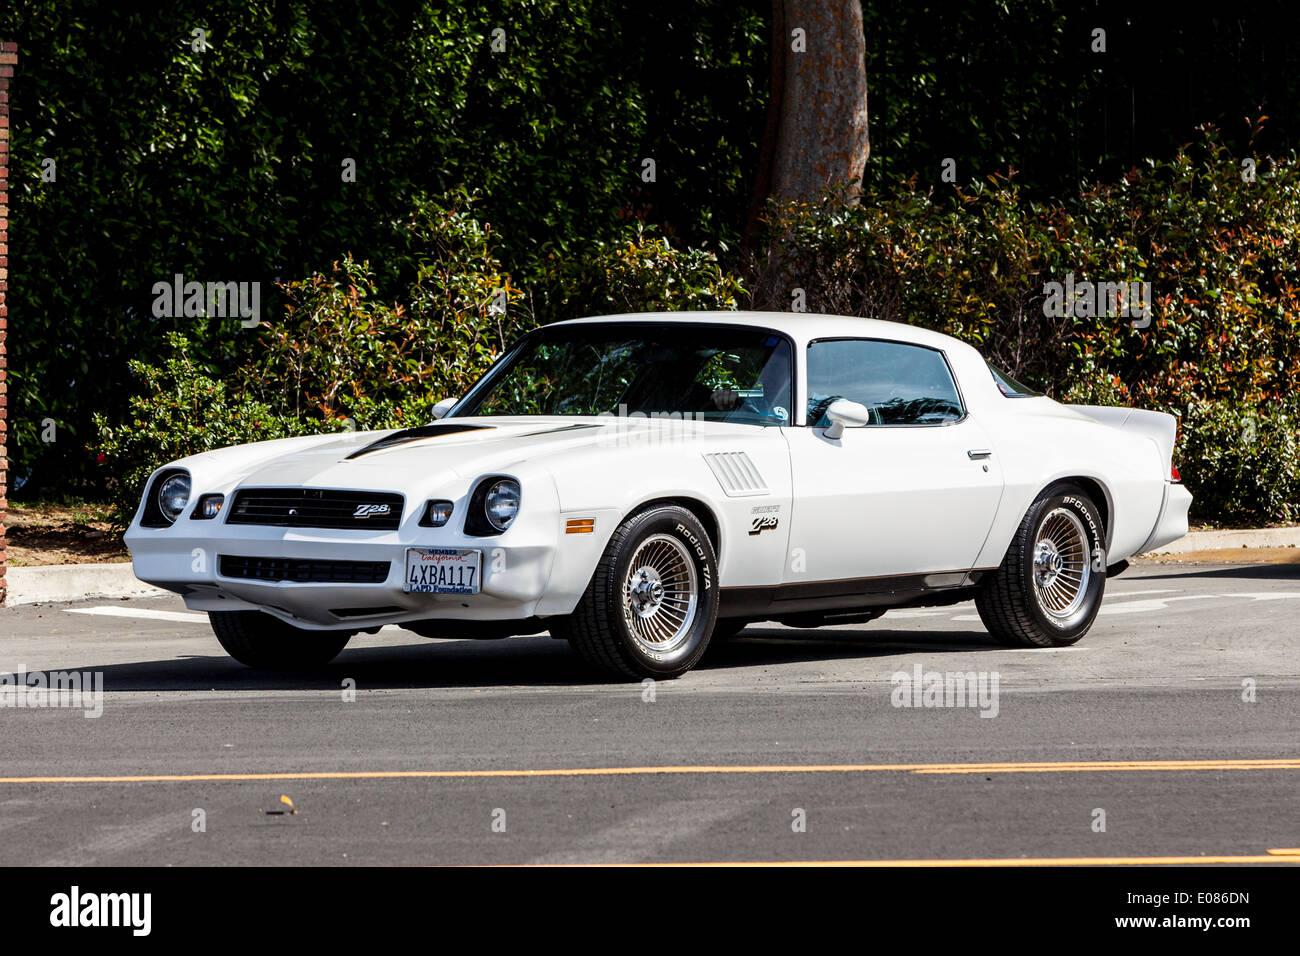 1975 camaro z28 stock photo 69022177 alamy